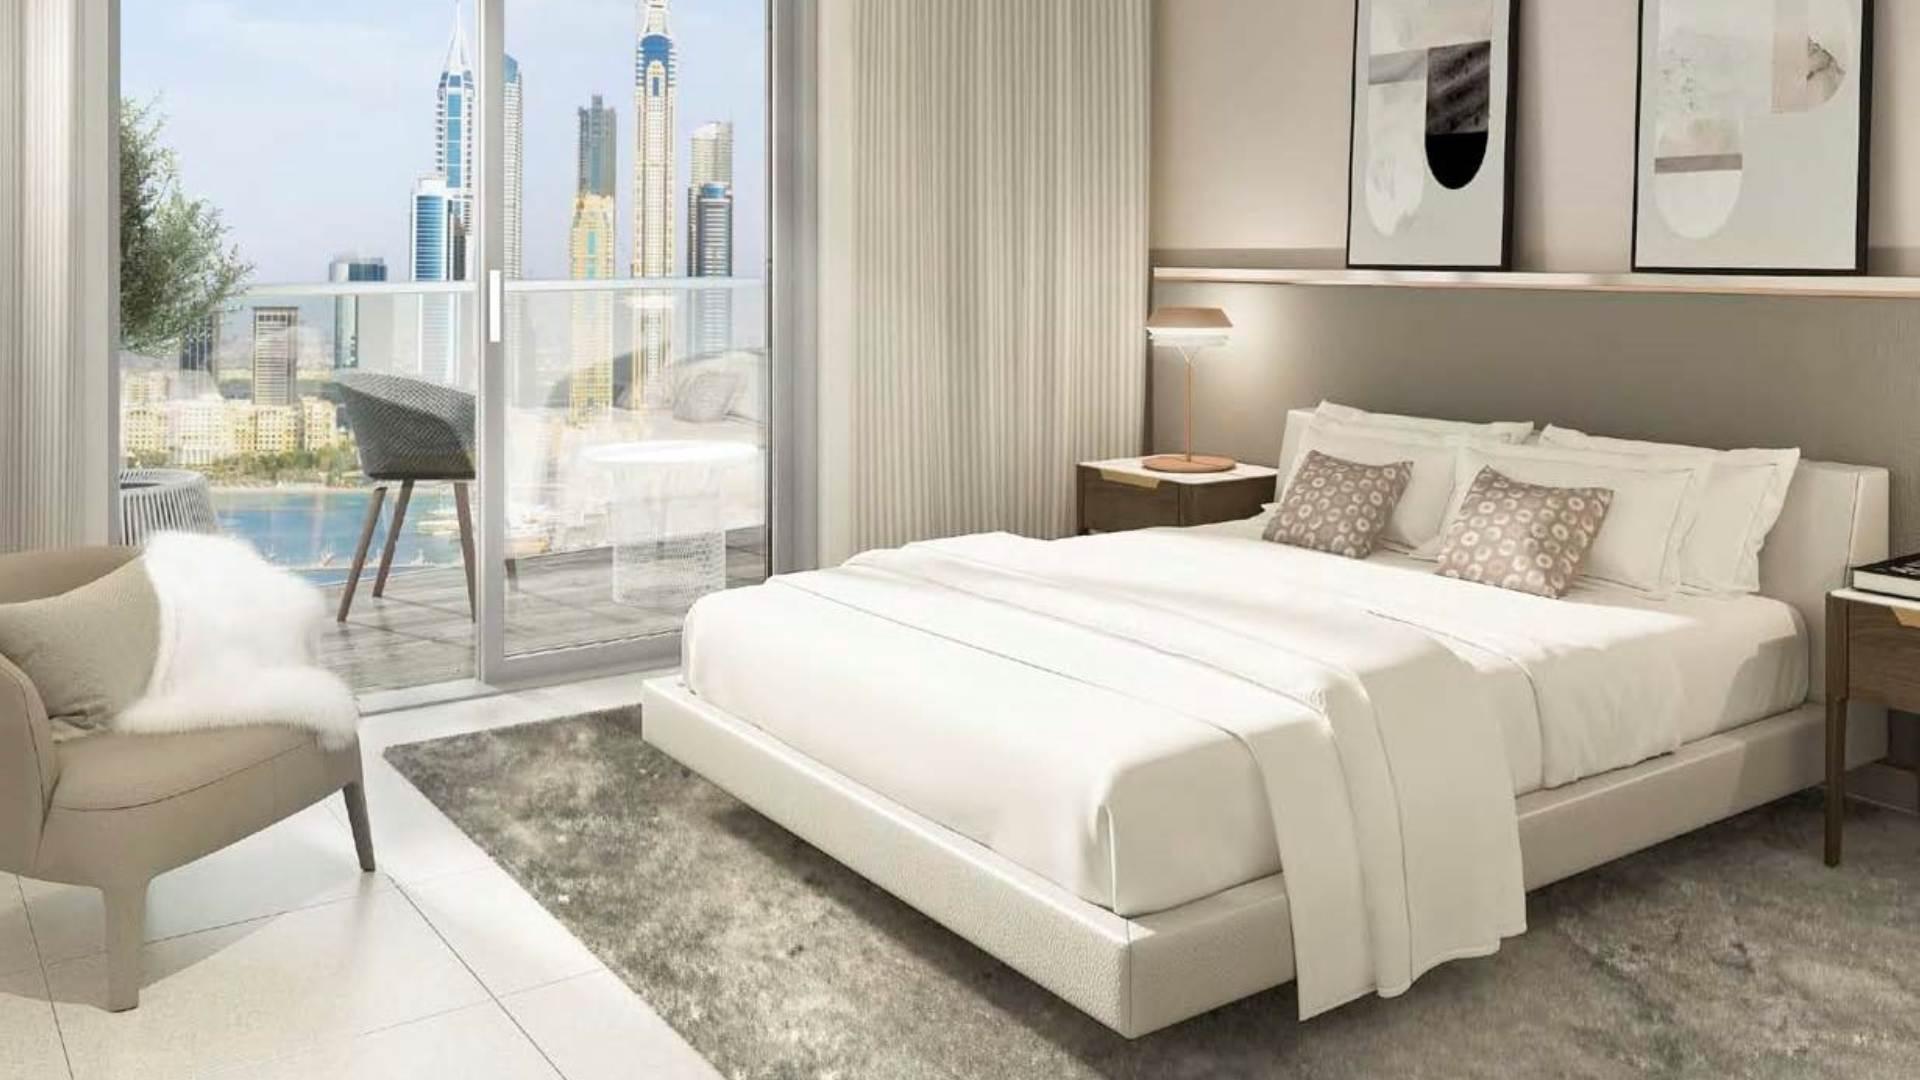 Apartamento en venta en Dubai, EAU, 1 dormitorio, 71 m2, № 24251 – foto 4